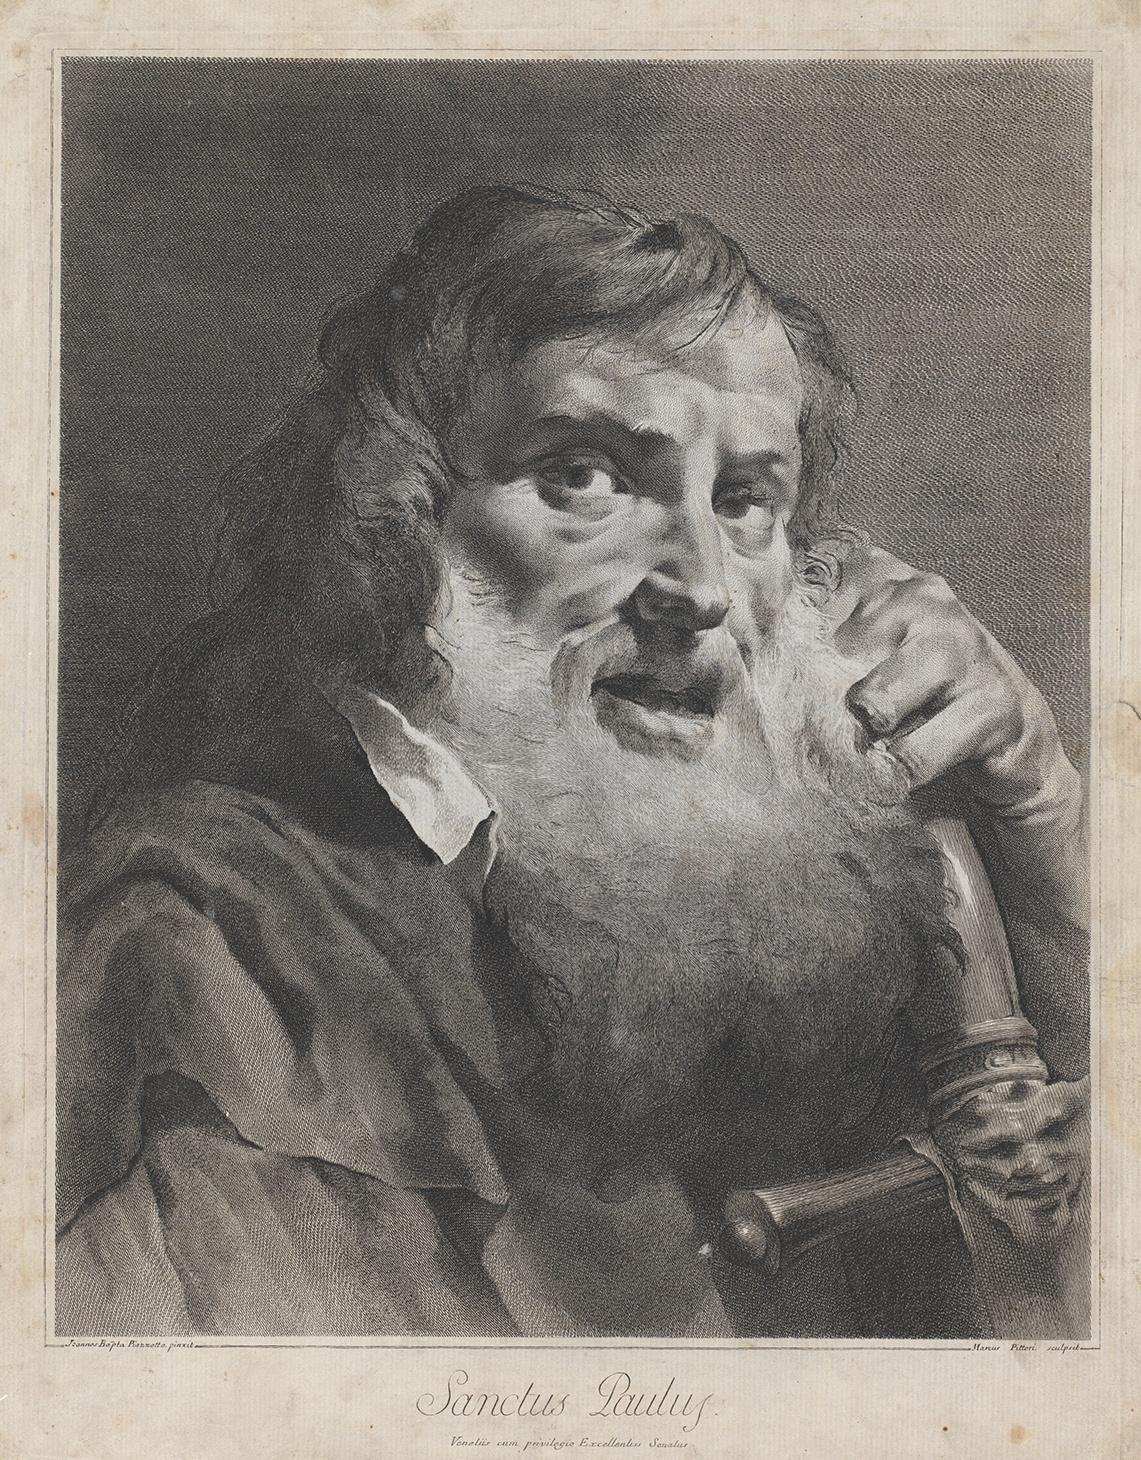 Pitteri Marco Alvise / Svatý Pavel, nedatováno (asi 1742), lept čárový, mědiryt, papír